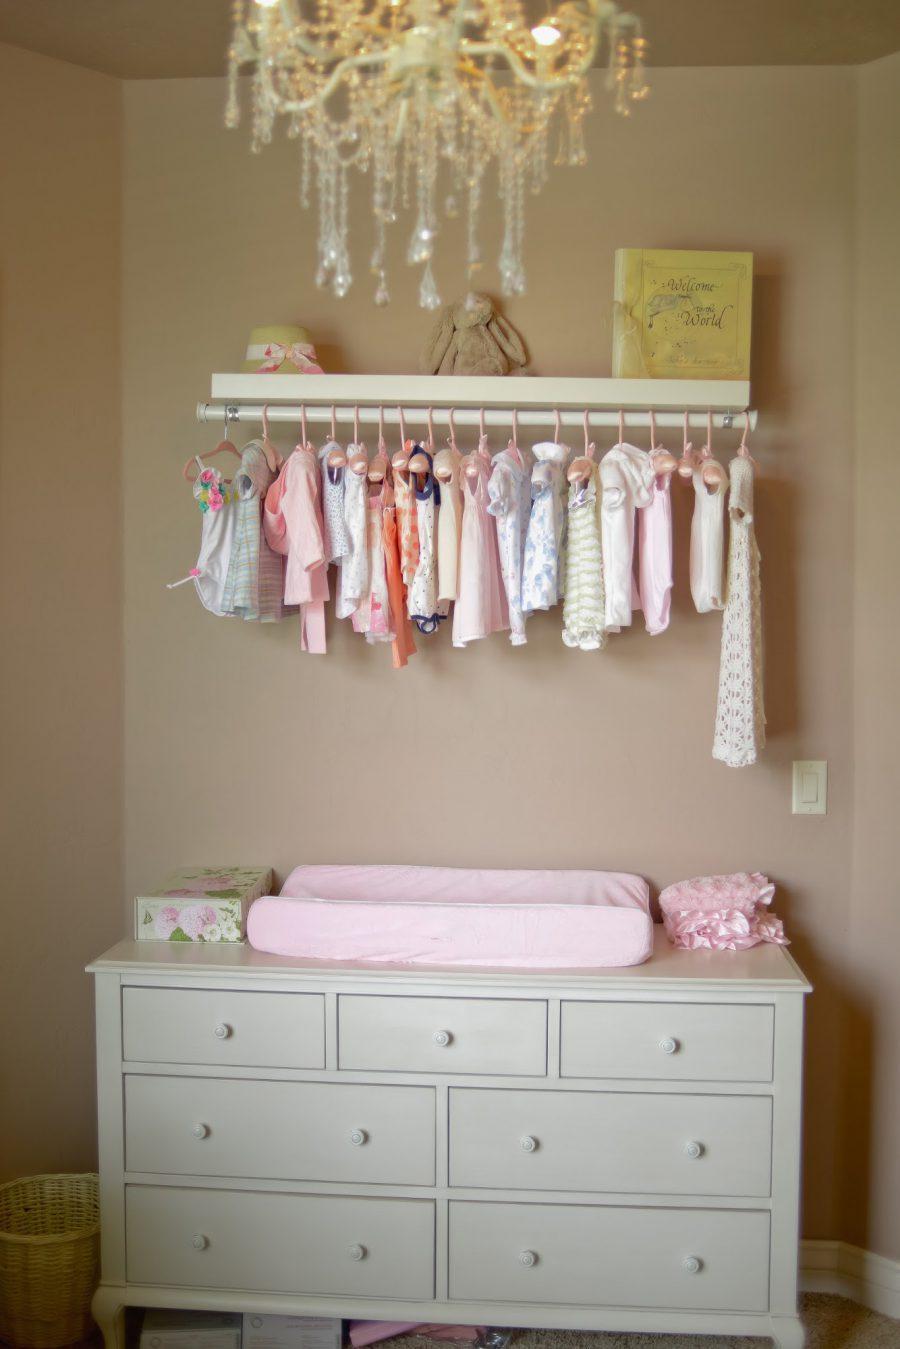 Cute Little Hangers